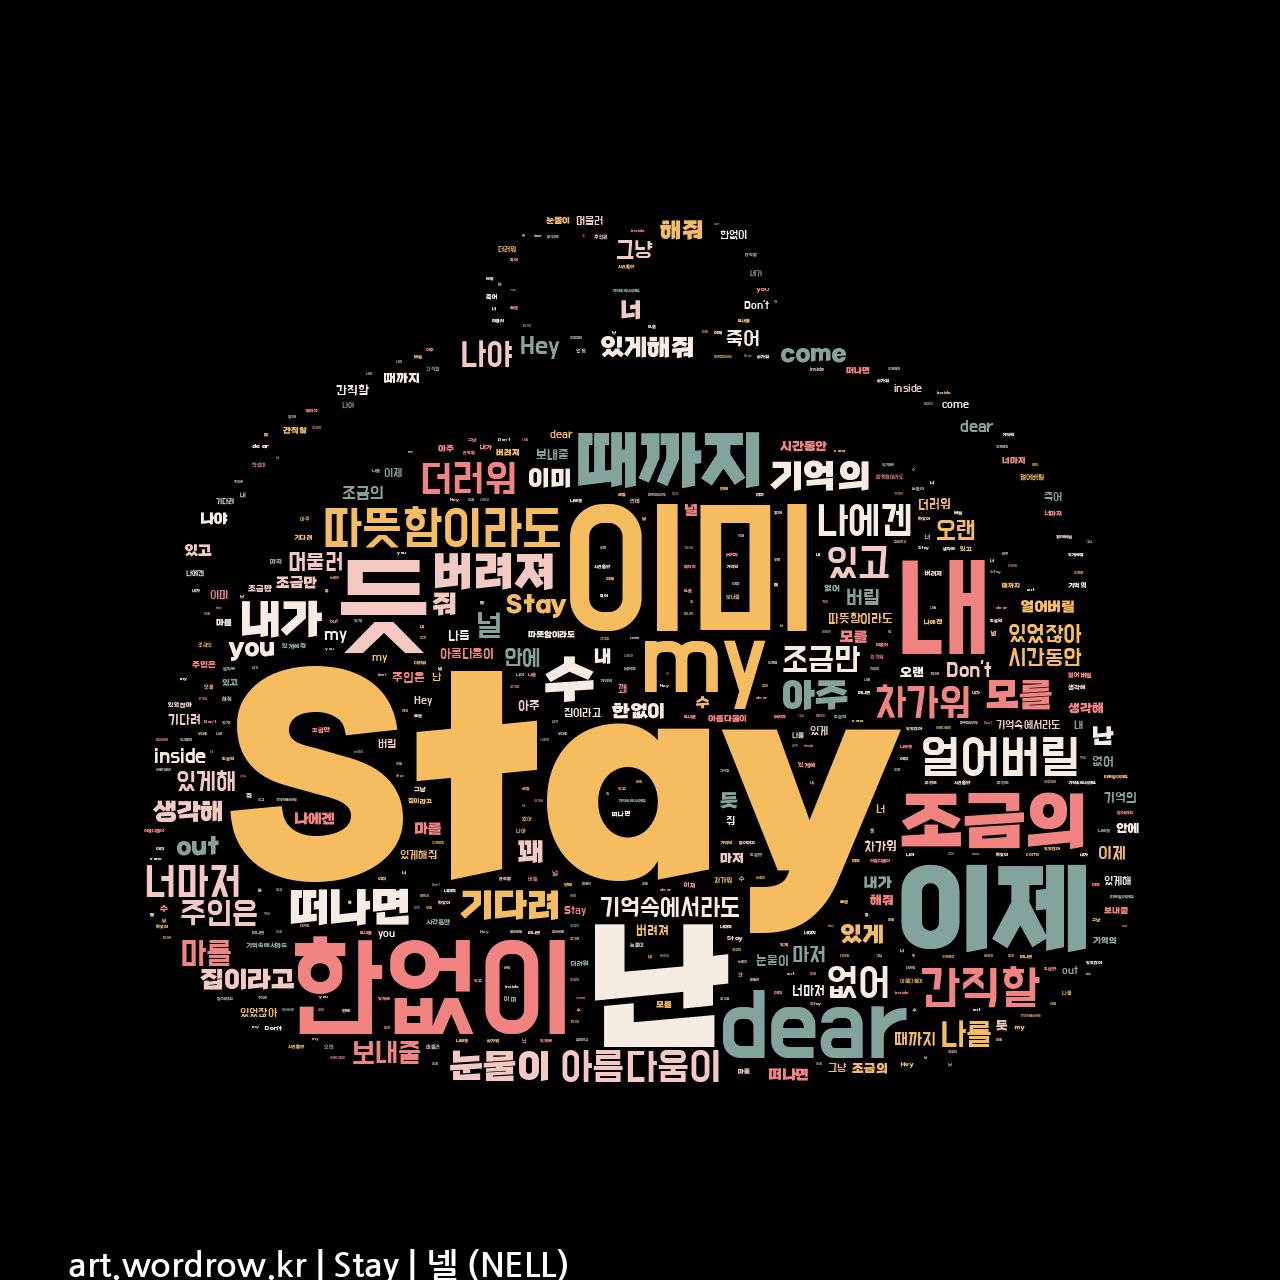 워드 아트: Stay [넬 (NELL)]-58